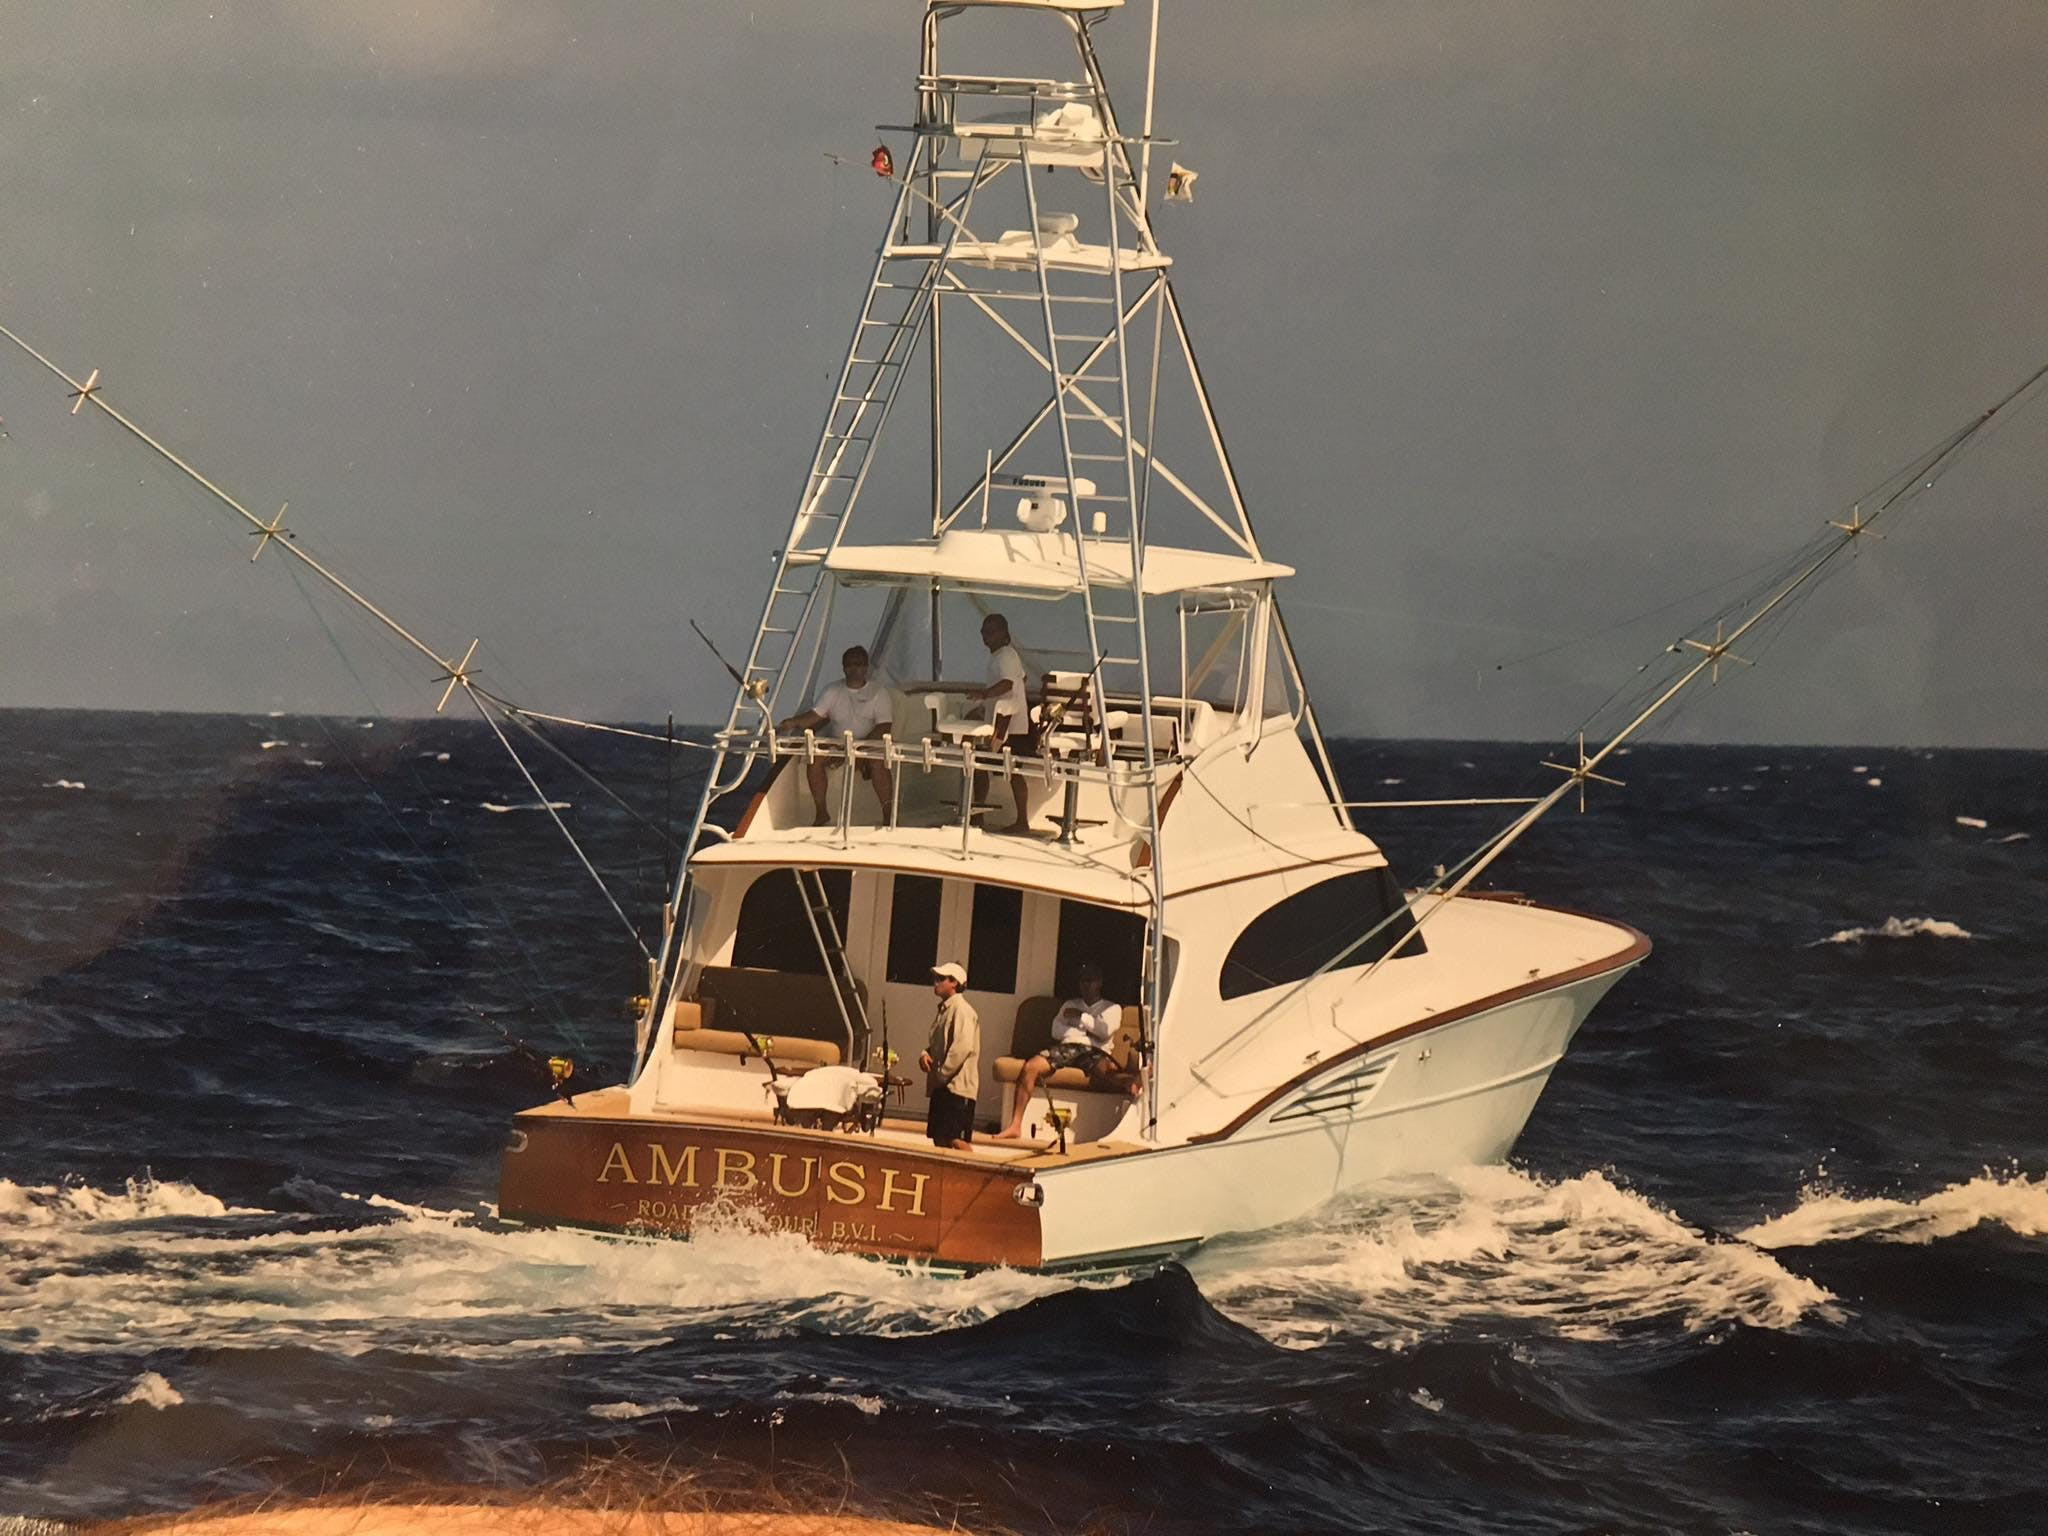 Garlington 61, le genre de bateau sur lequel Vincent skippe dans les meilleurs spots des Caraïbes et du Pacifique